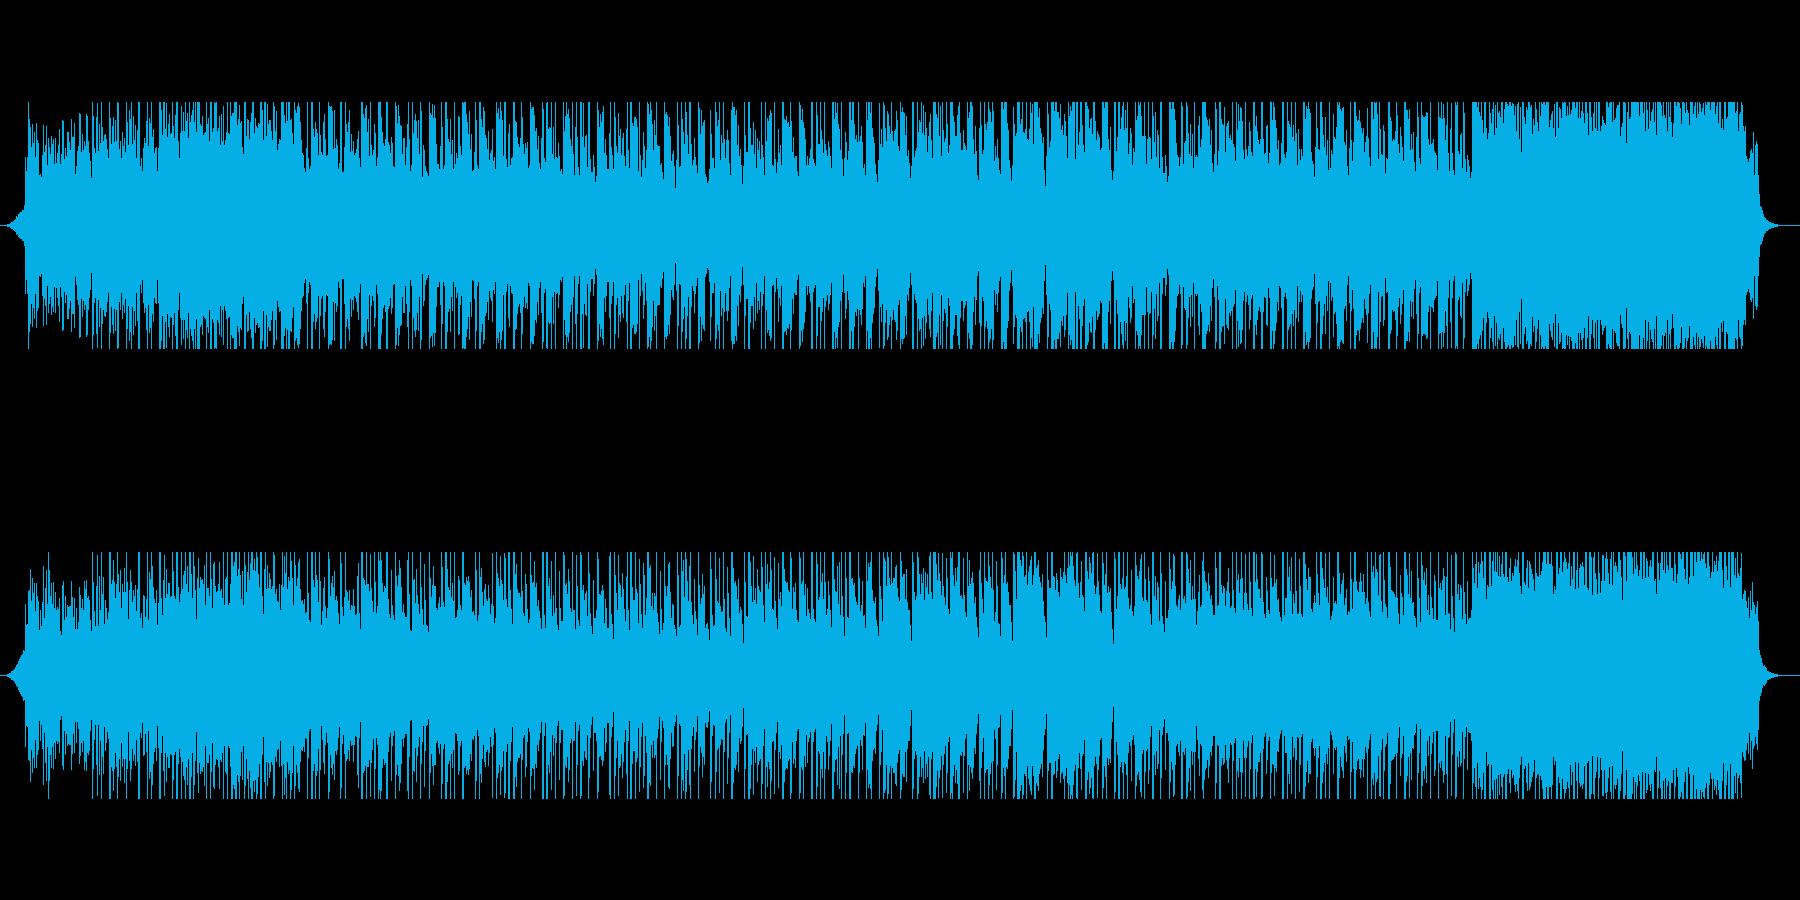 プリンスオブペルシャの再生済みの波形